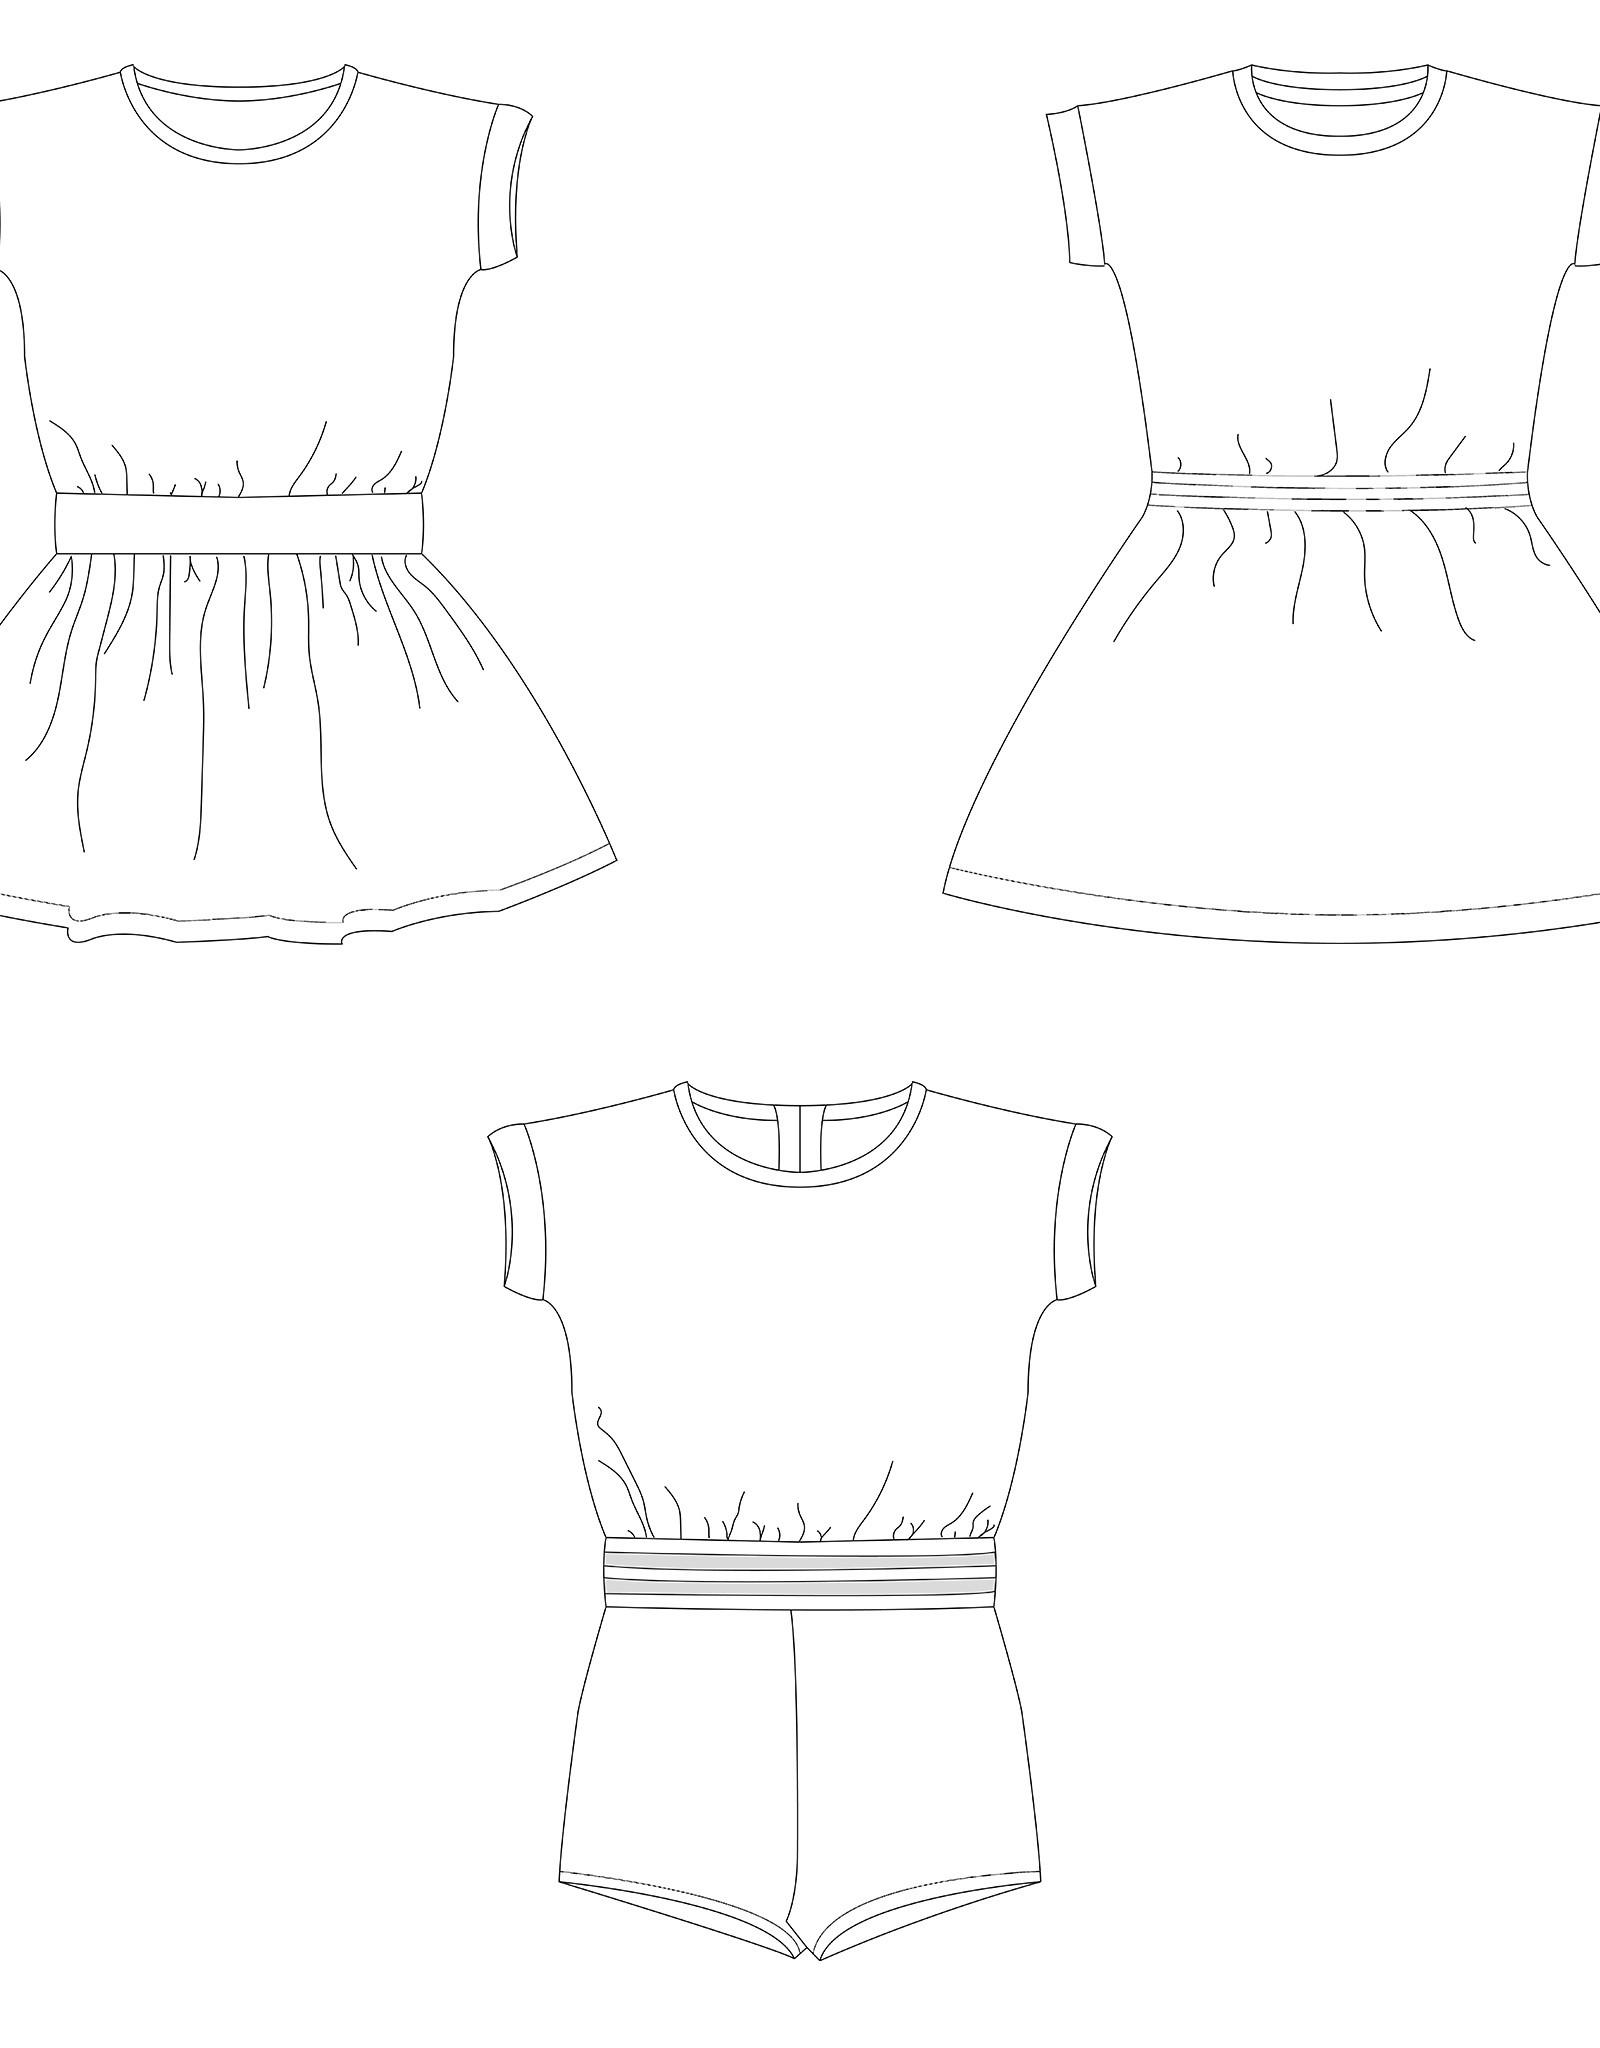 Bel'Etoile Lux jurk en jumpsuit - Bel'Etoile